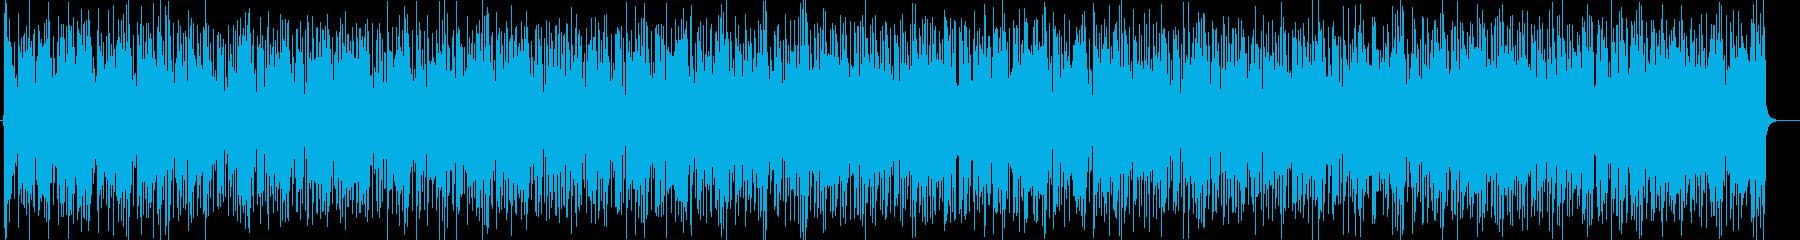 ダンサブルなリズムにシャープなサウンドの再生済みの波形